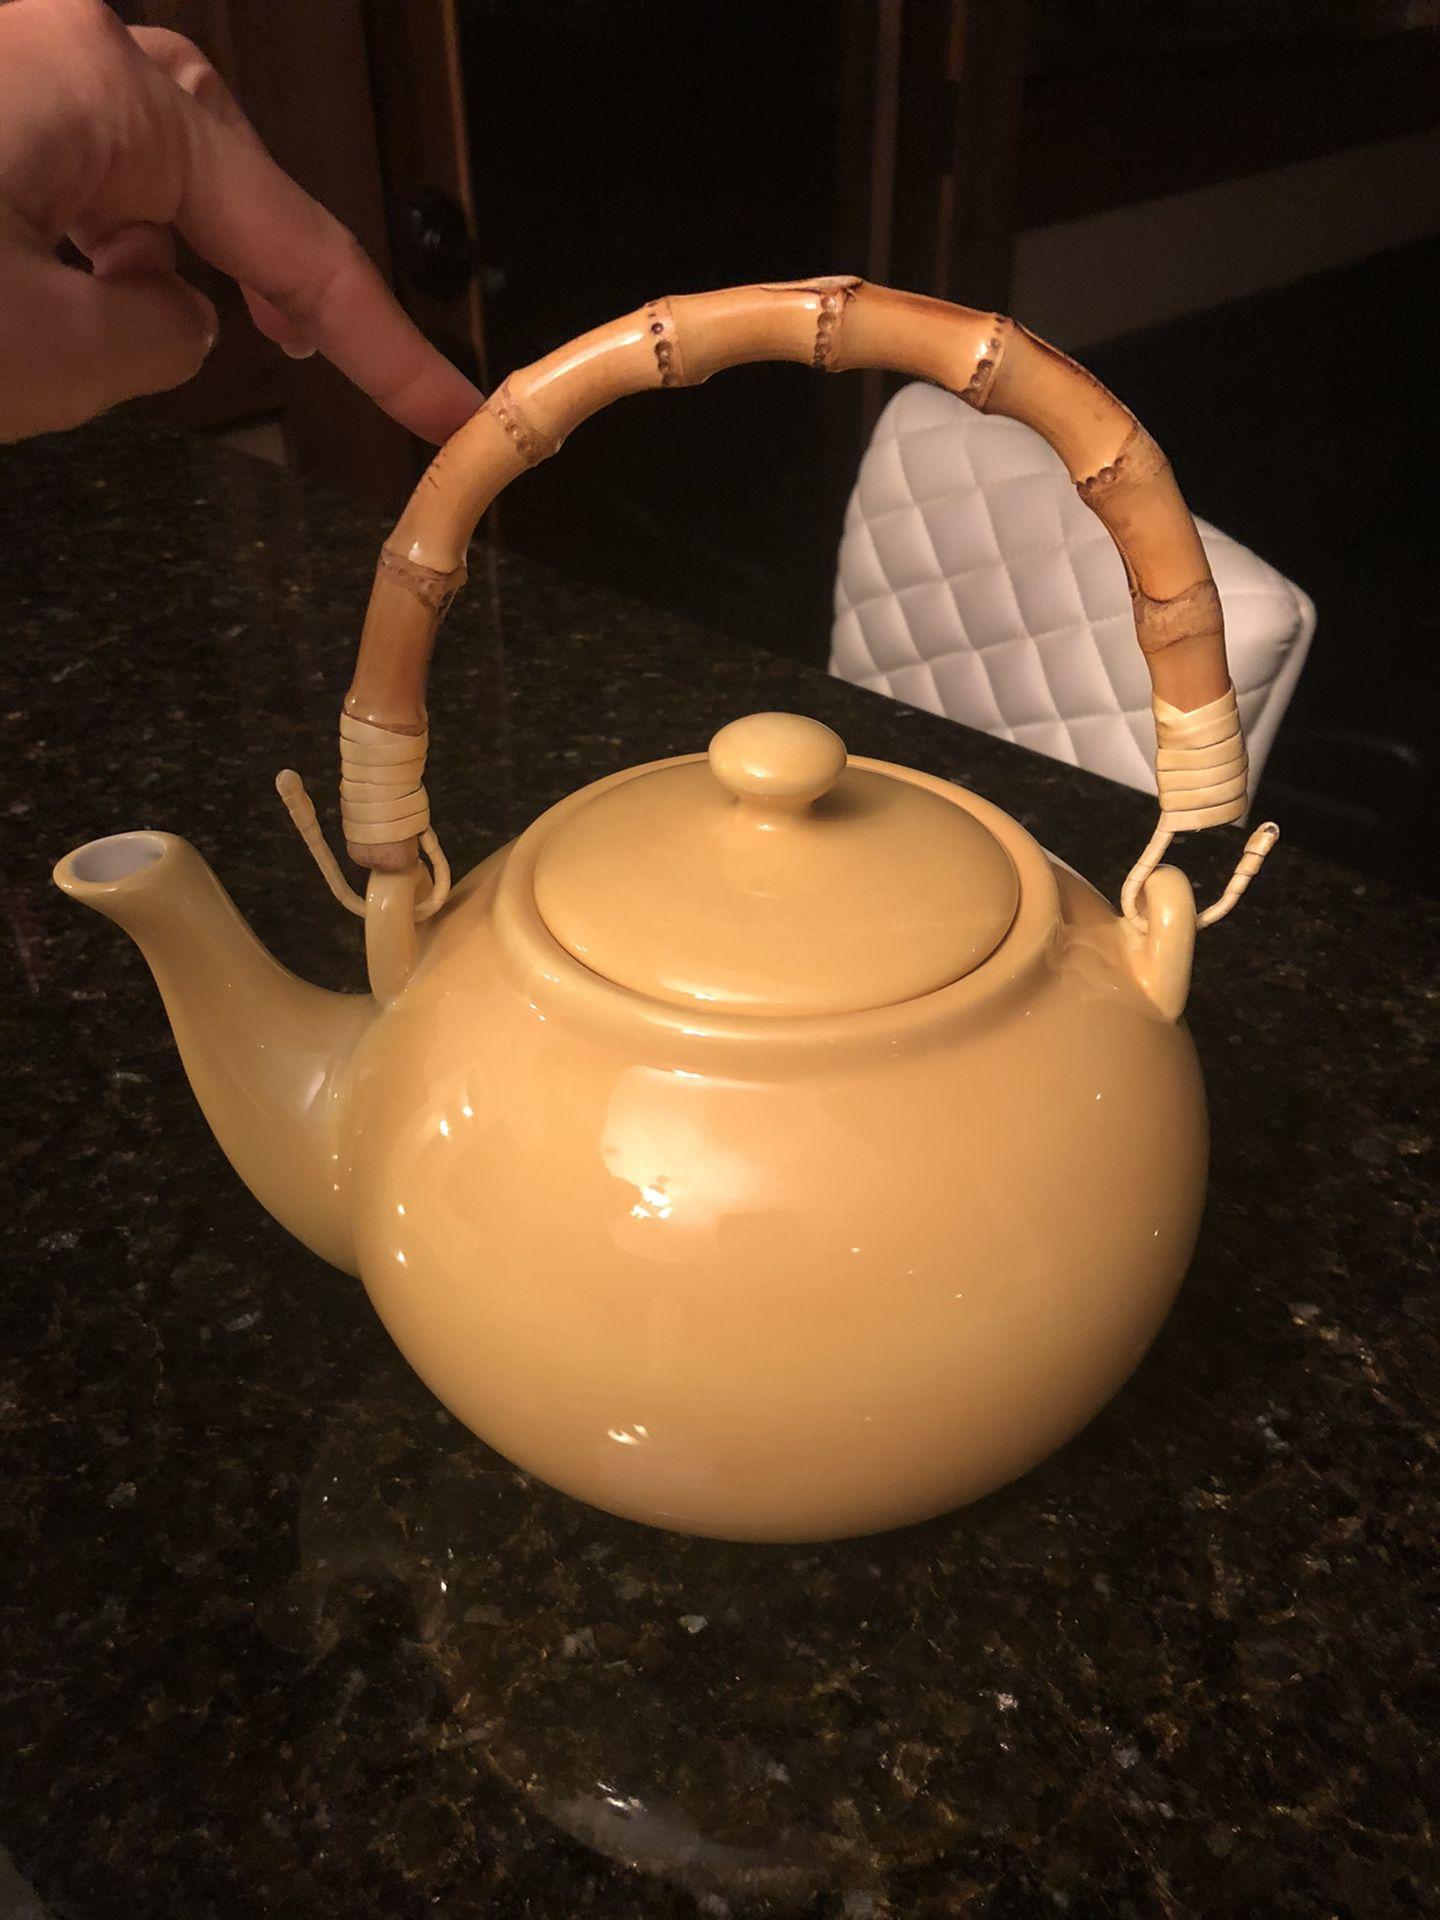 Pottery Barn Sausalito Amber Yellow Tea Pot with Bamboo Handle